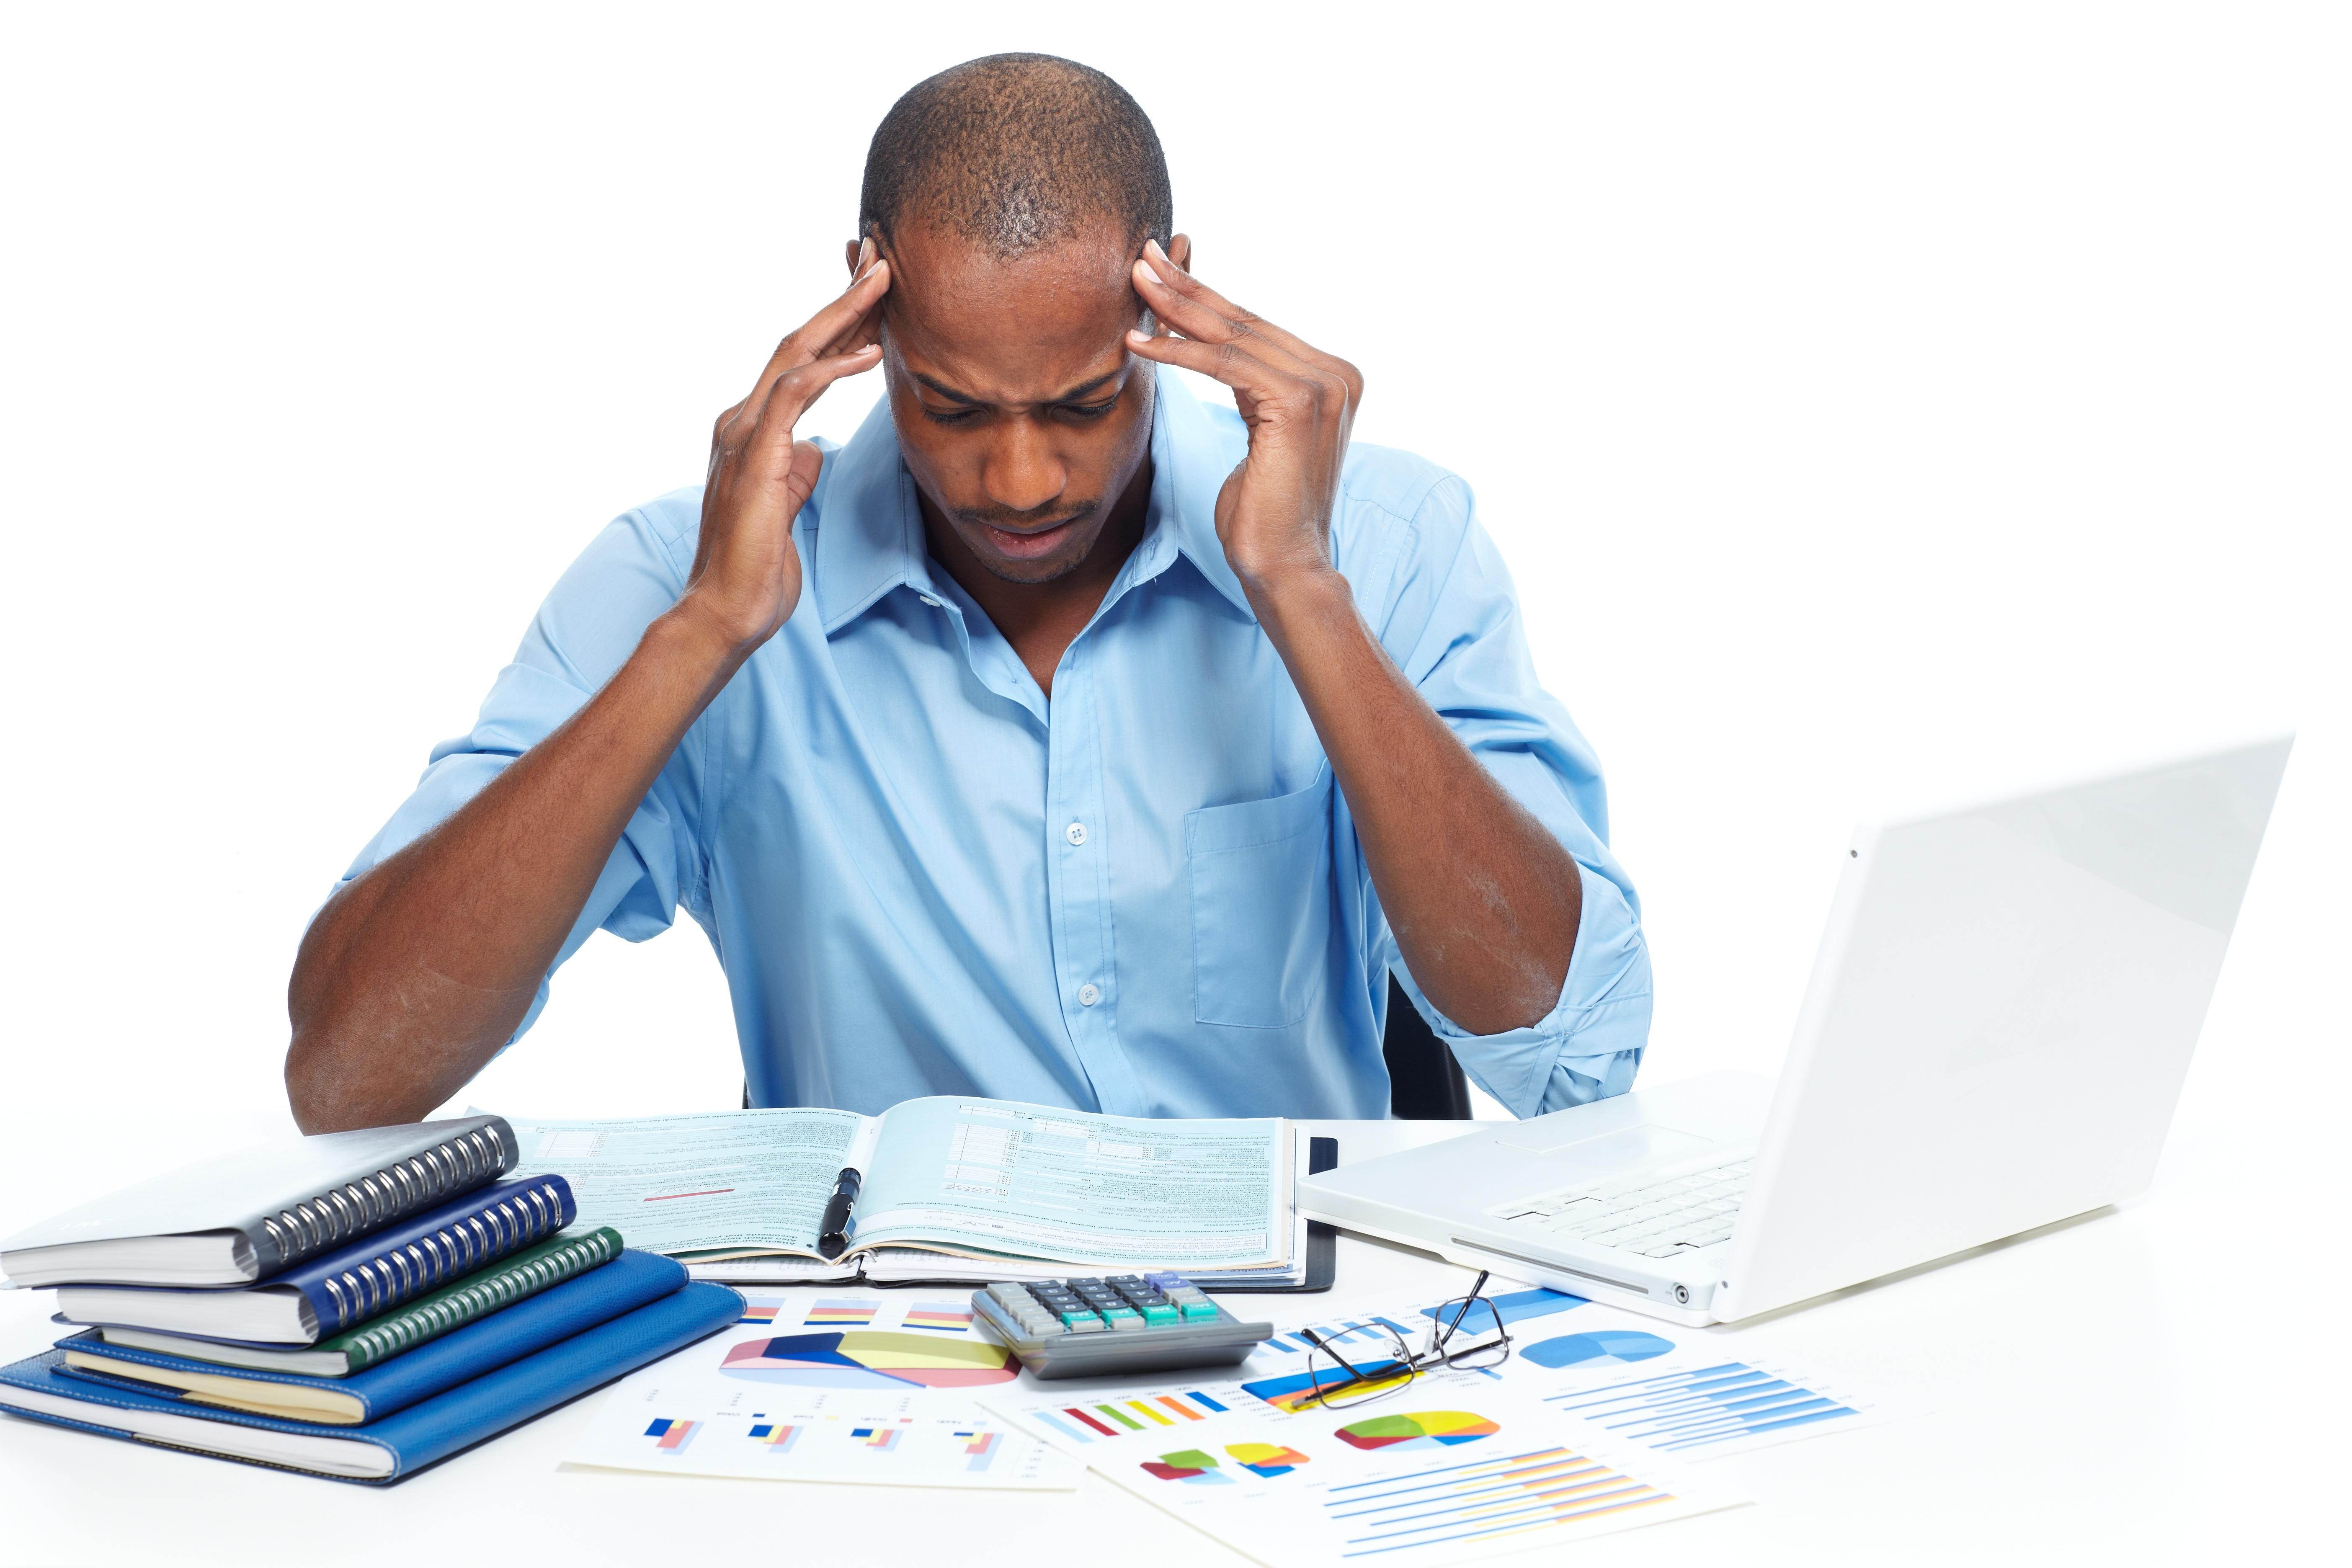 Homme au bureau a mal de tête